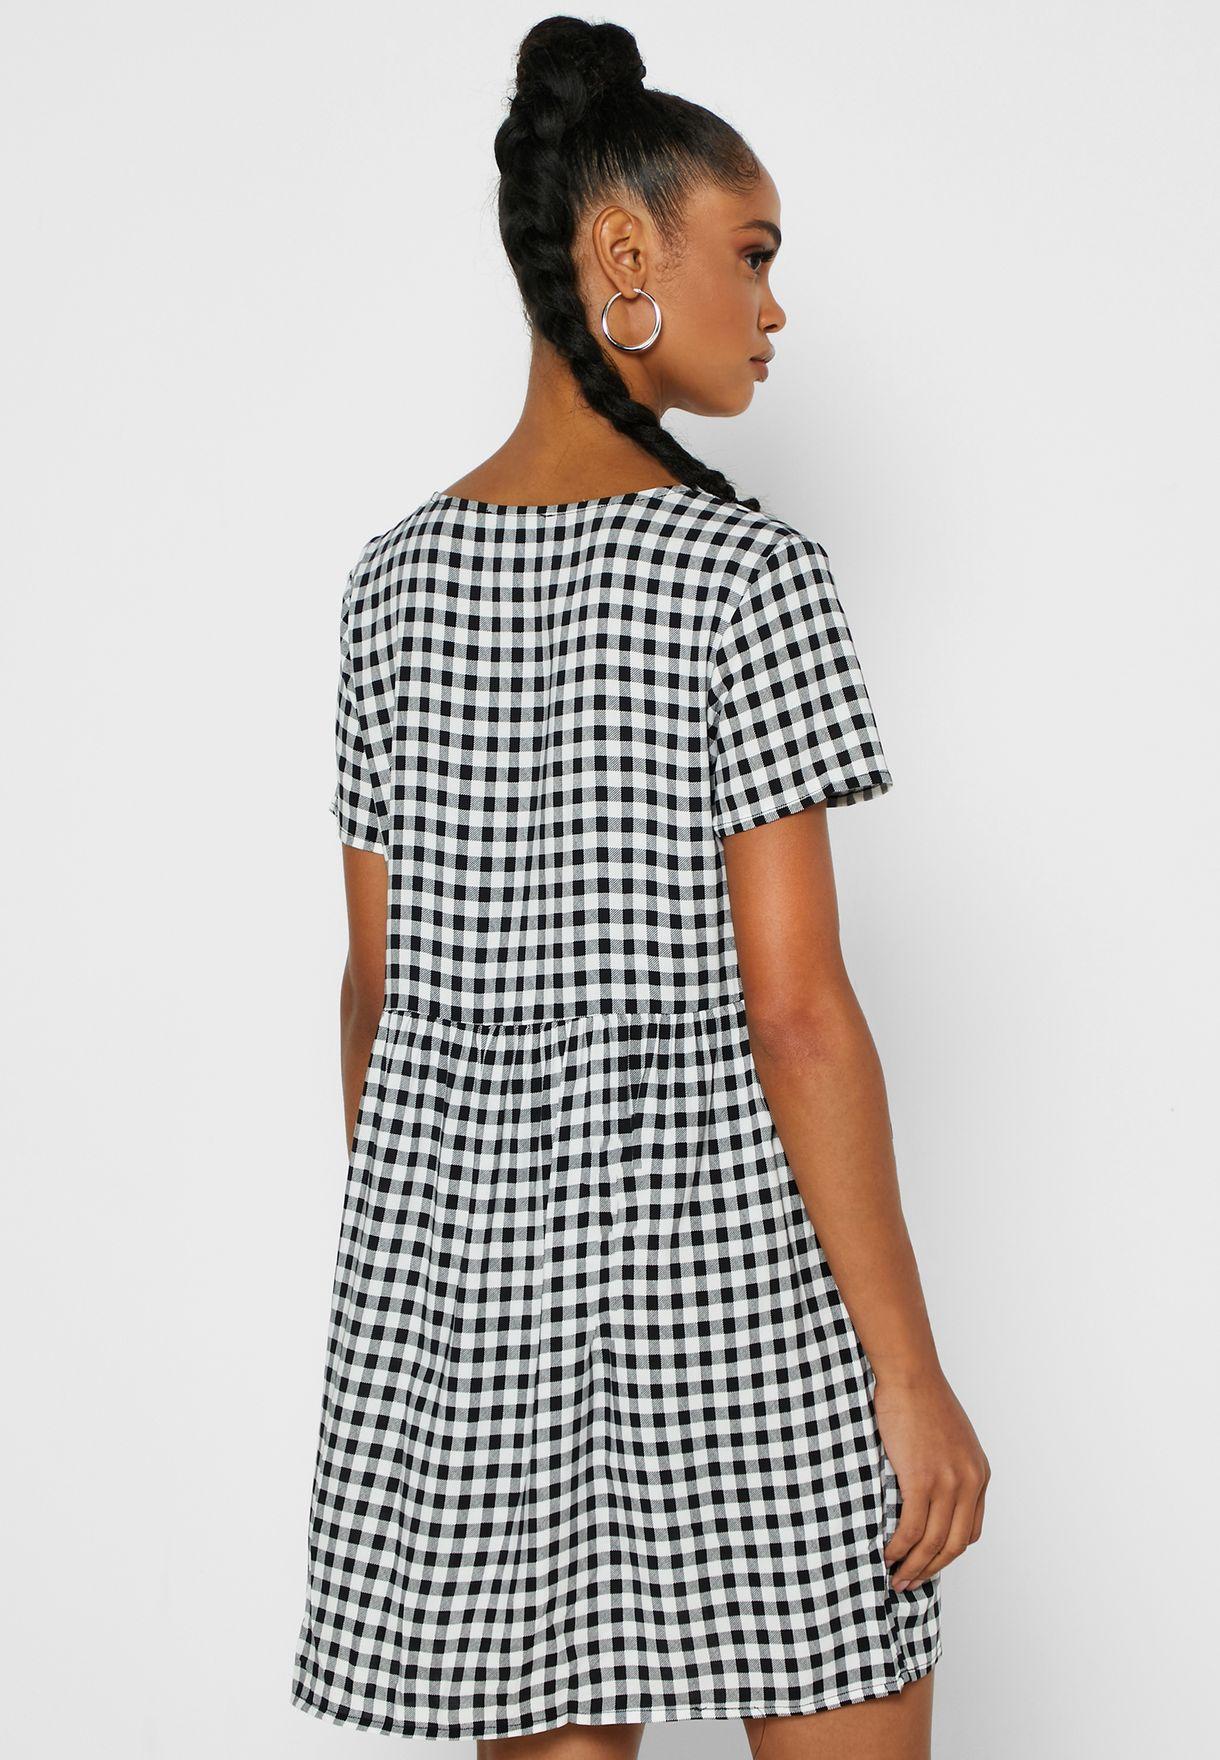 V-Neck Gingham Dress